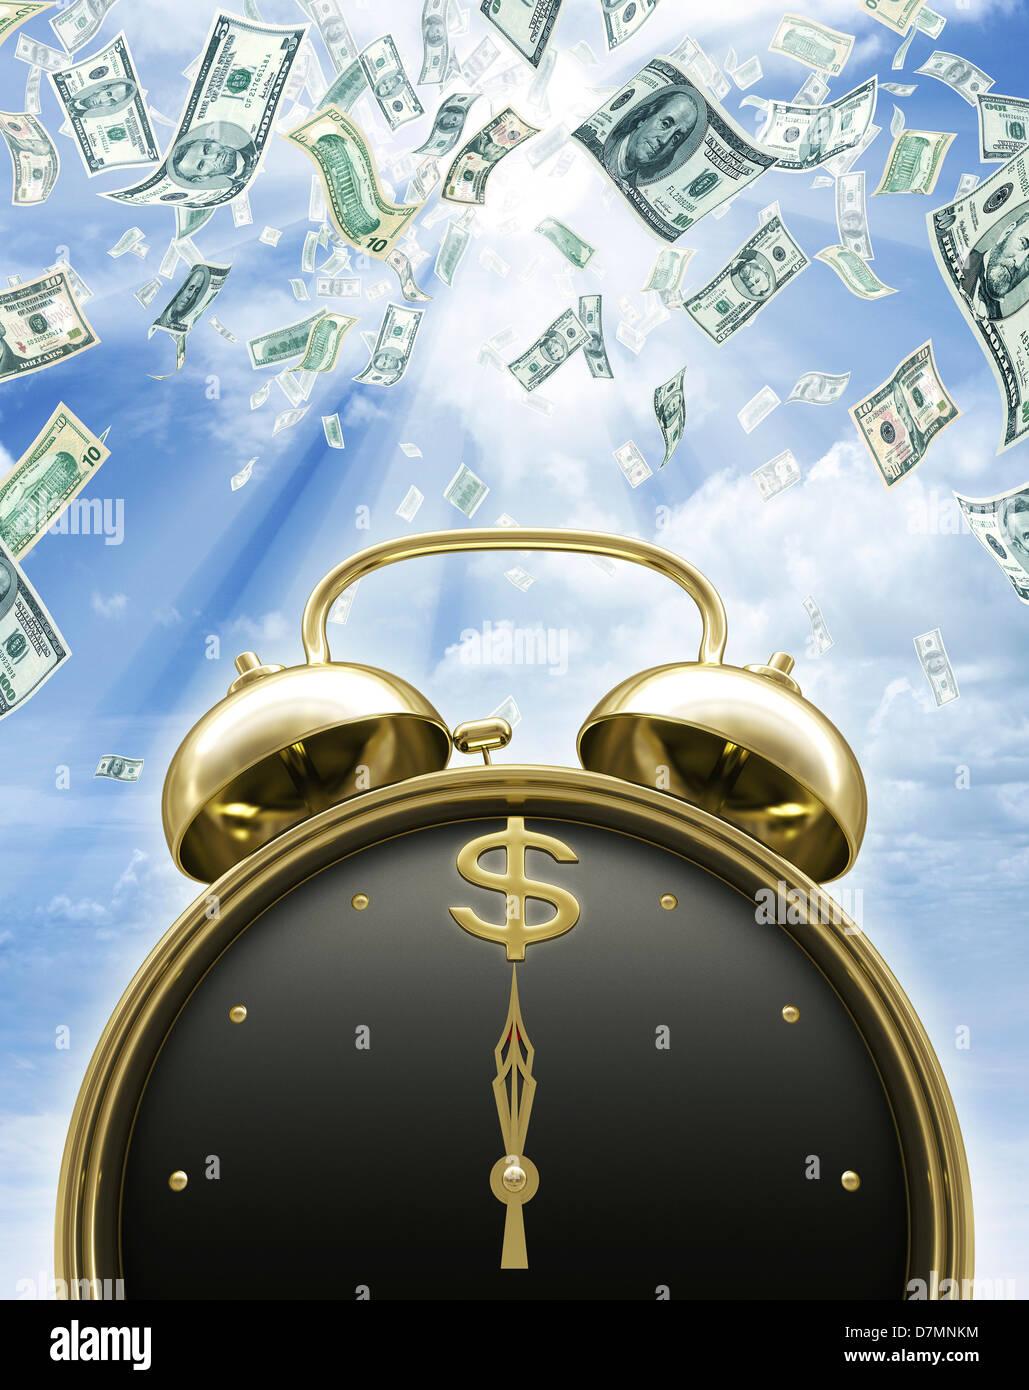 El tiempo es dinero, obra conceptual Imagen De Stock